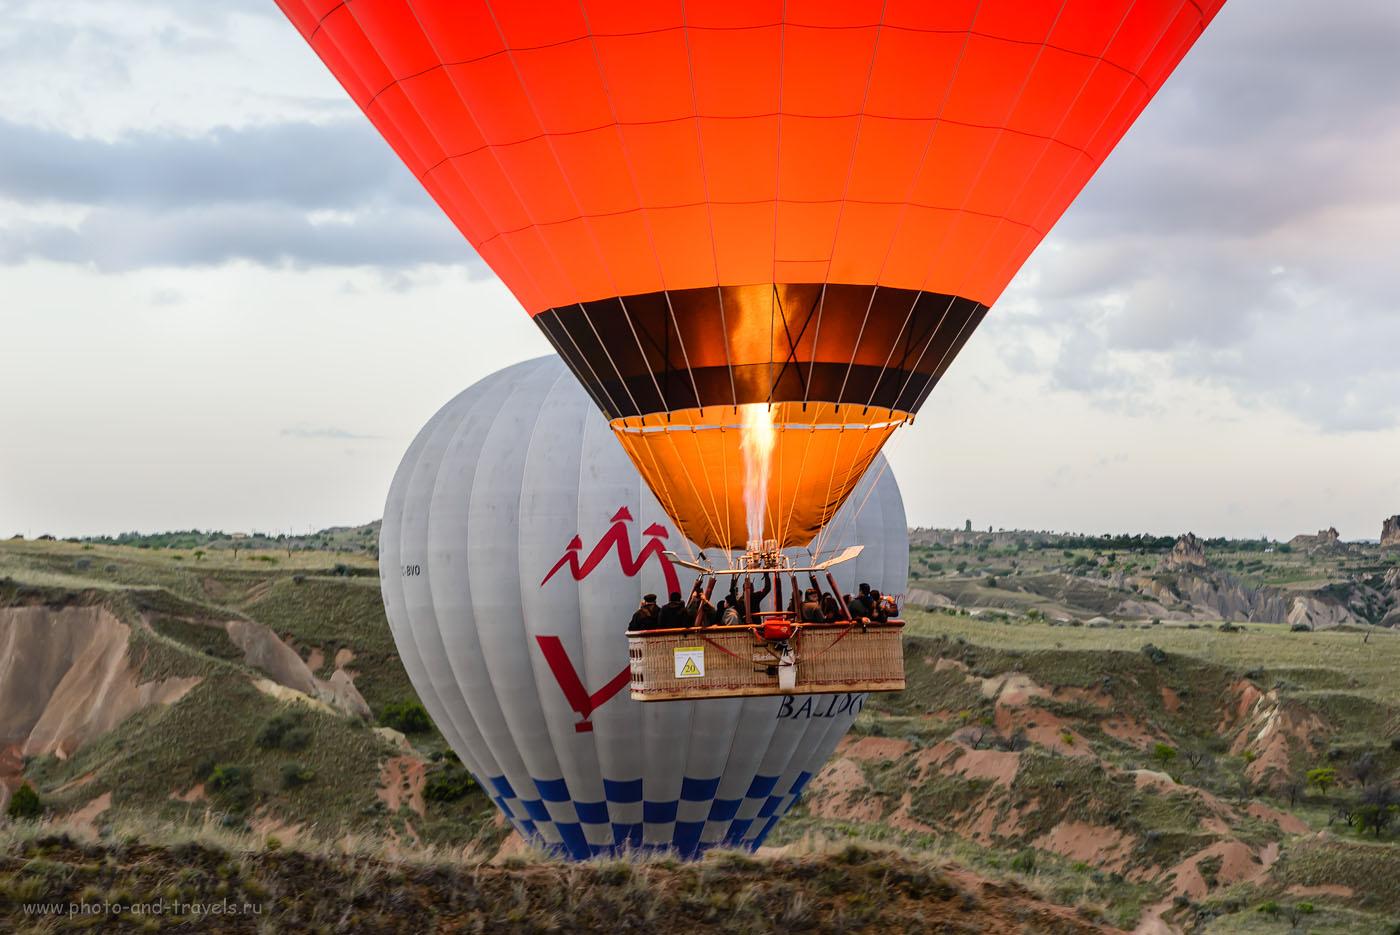 Фото 3. Полет на воздушном шаре в Каппадокии. Иногда монгольфьеры летят совсем низко над землею. Это – самый страшный момент. Отзывы туристов об отдыхе в Турции дикарями. 1/40, -0.33, 8.0, 800, 70.